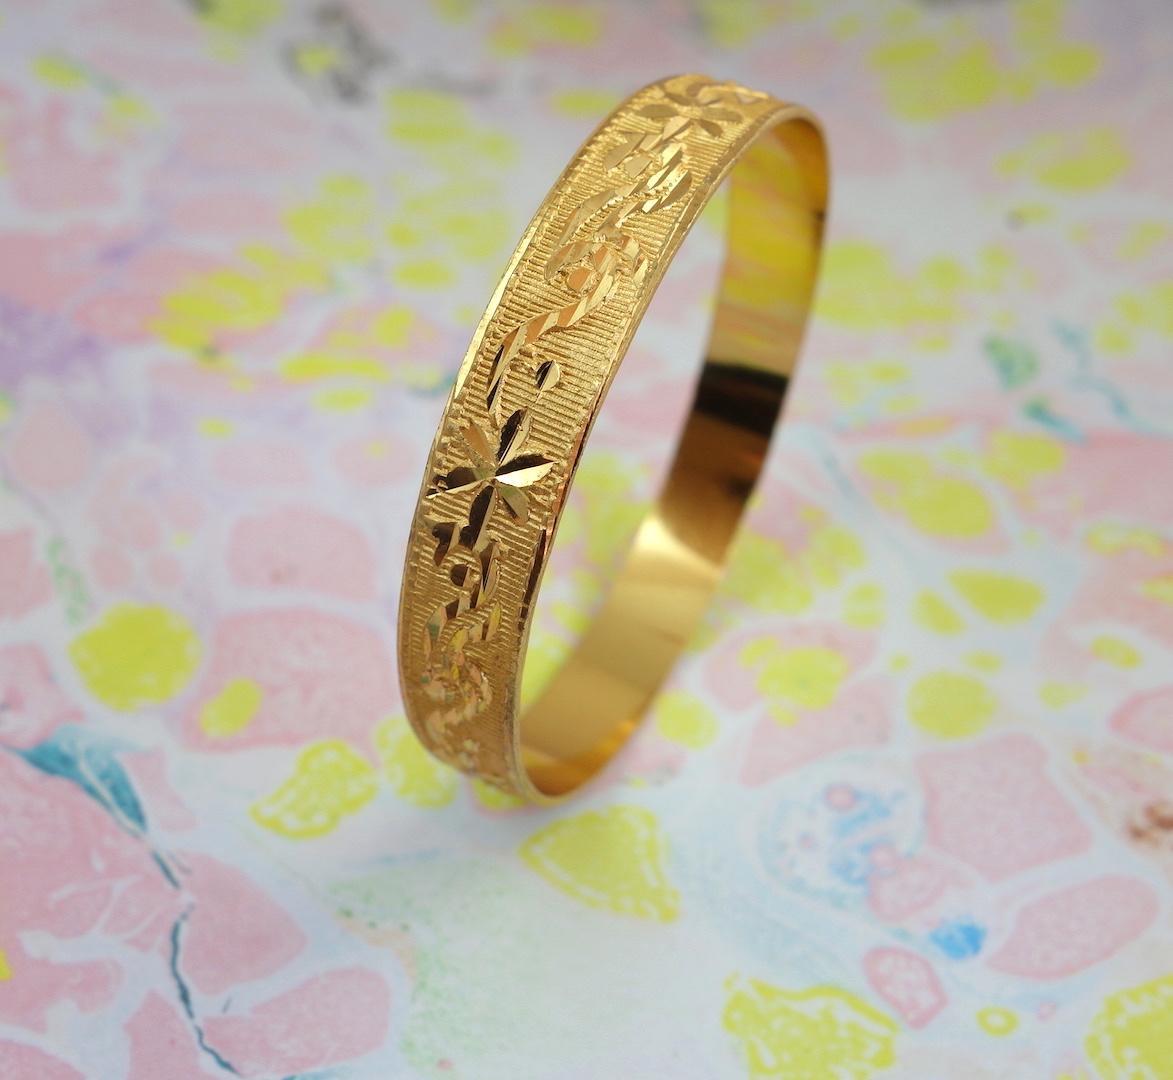 bracelet-babylon-roulotte-laiton-dore-or-ouvrage-fleuri-retro